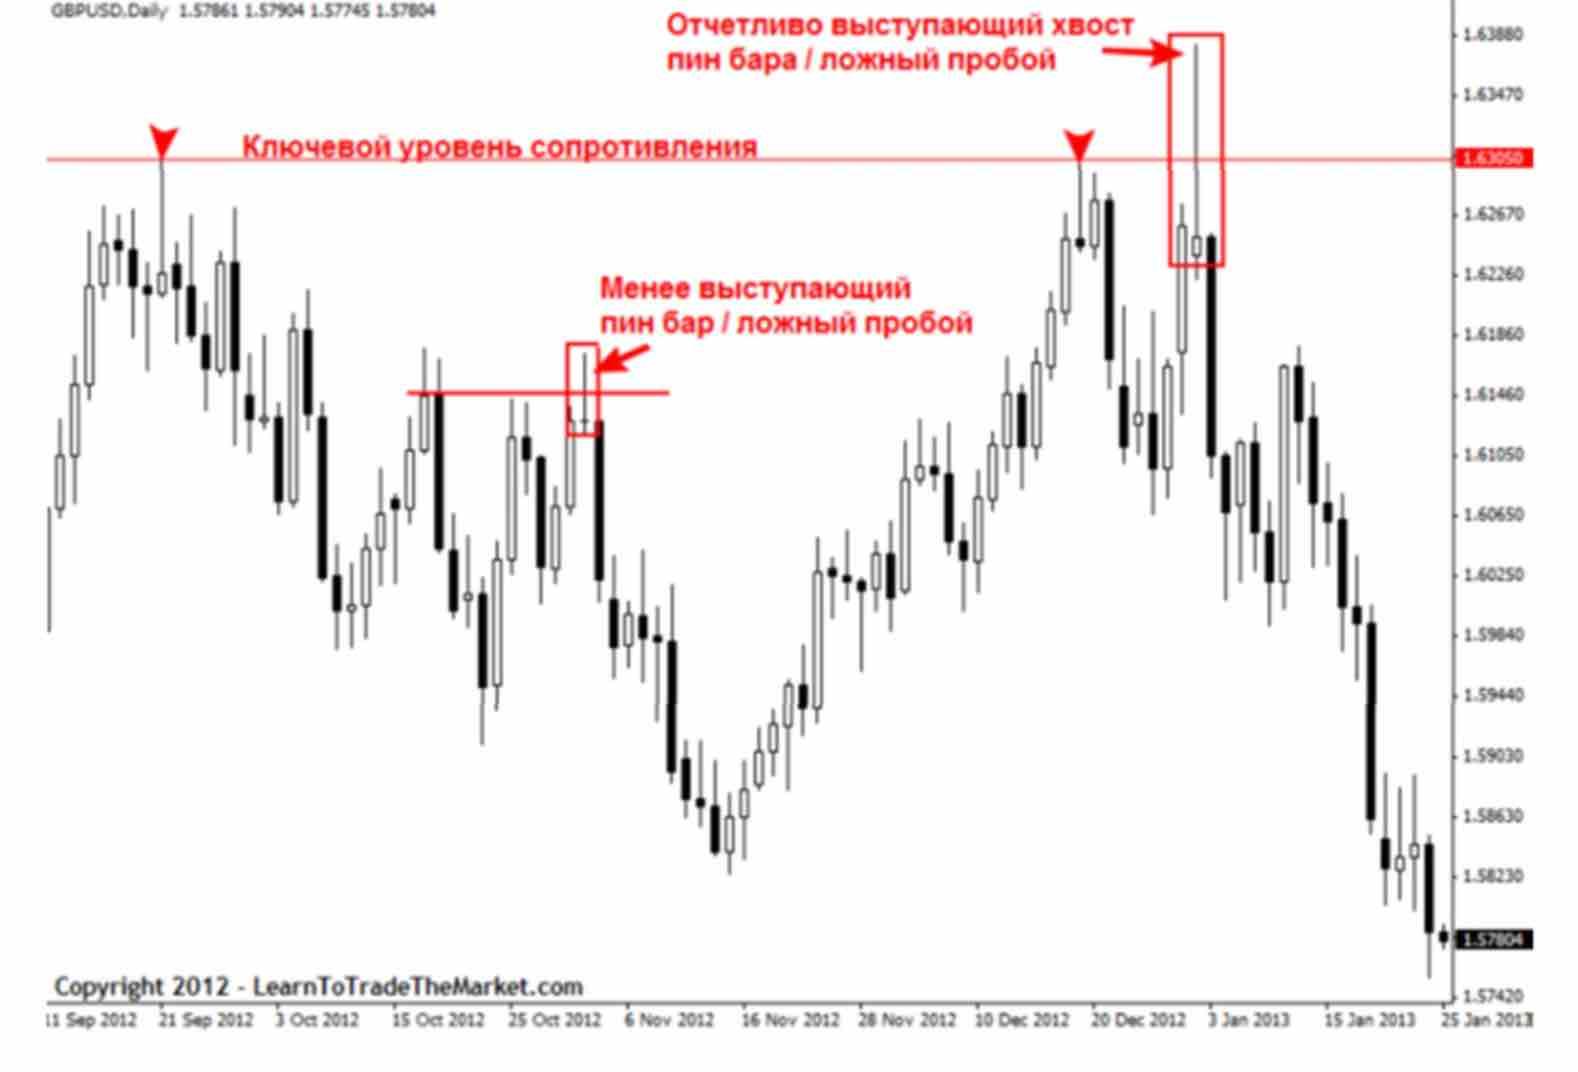 signal 02 Как отличить хорошие и плохие торговые сигналы прайс экшен?